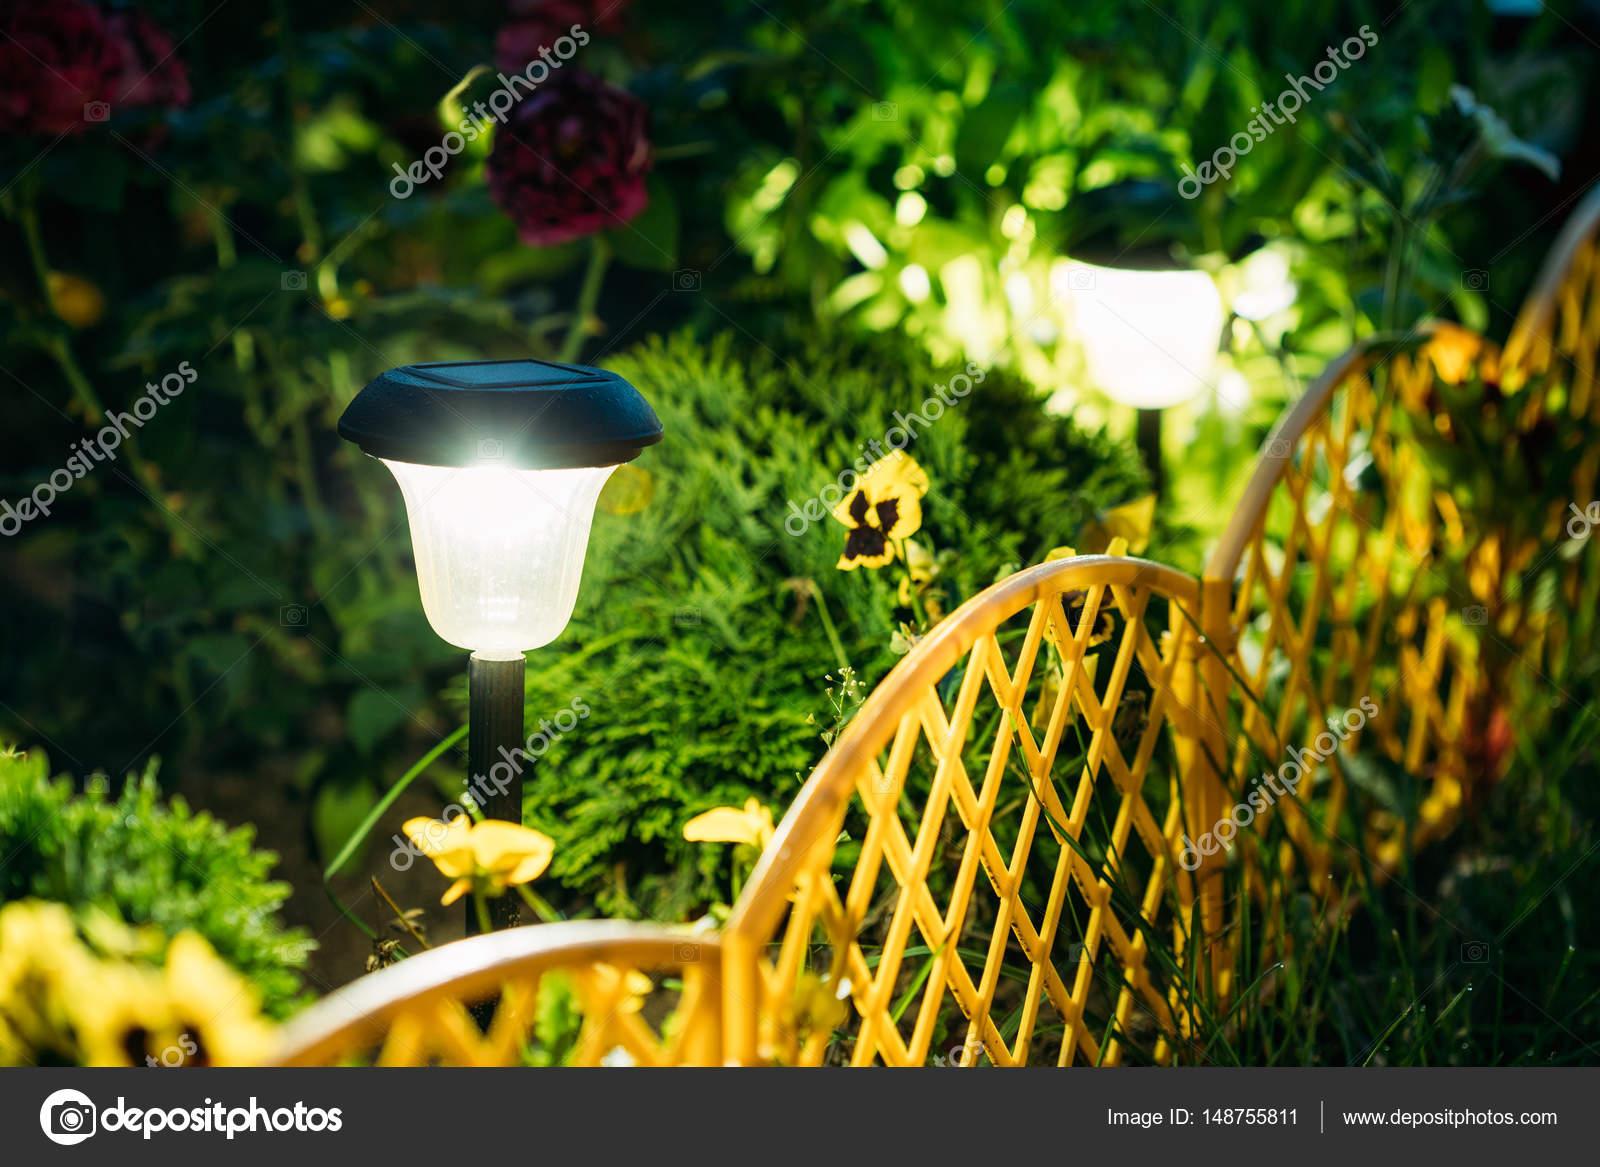 Small Solar Garden Light, Lantern In Flower Bed. Garden Design ...